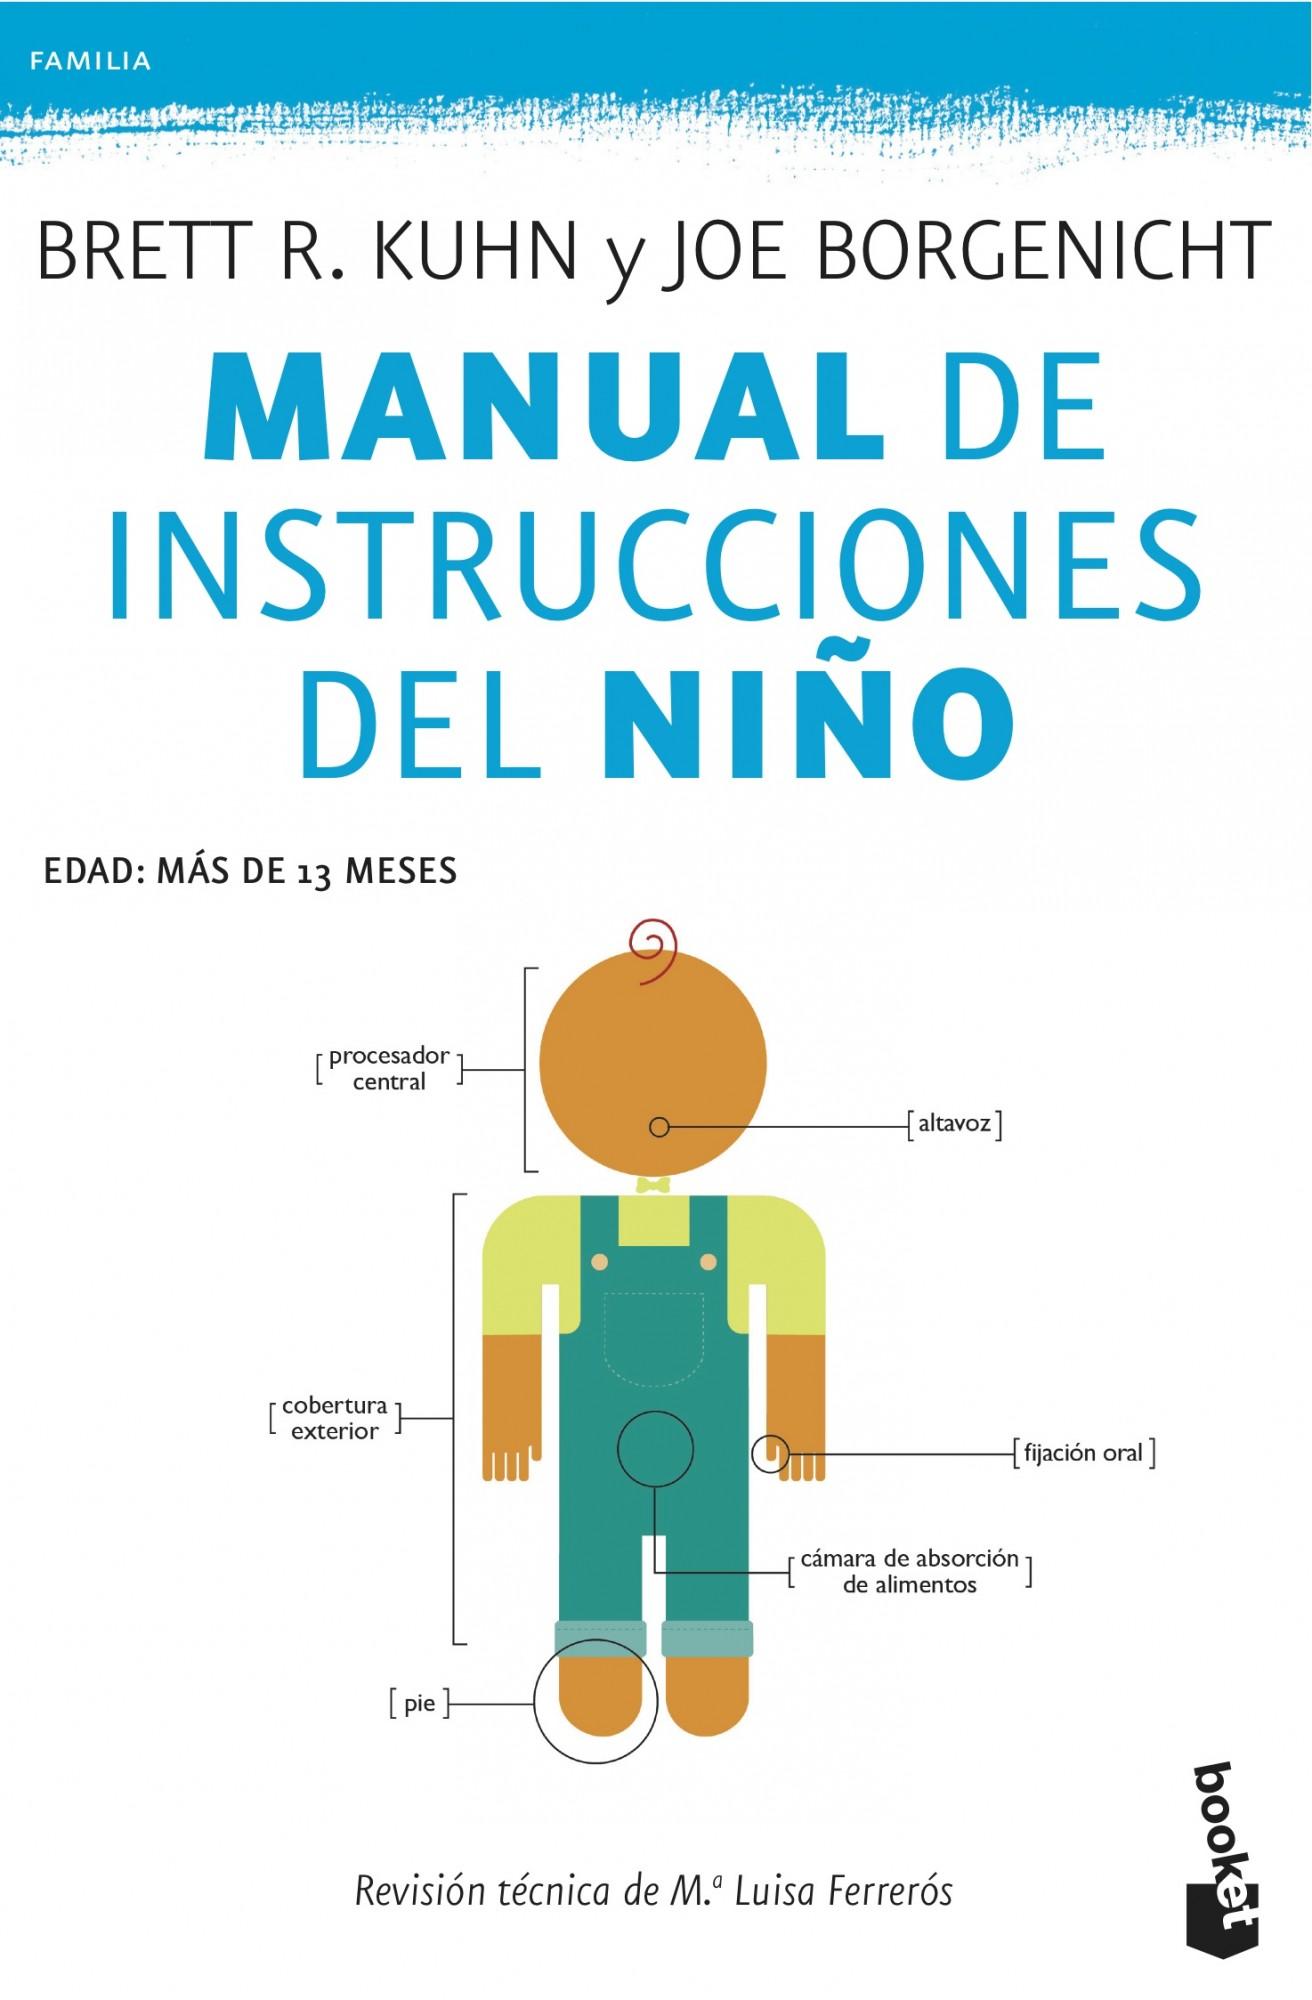 Manual de instrucciones del nio  Planeta de Libros